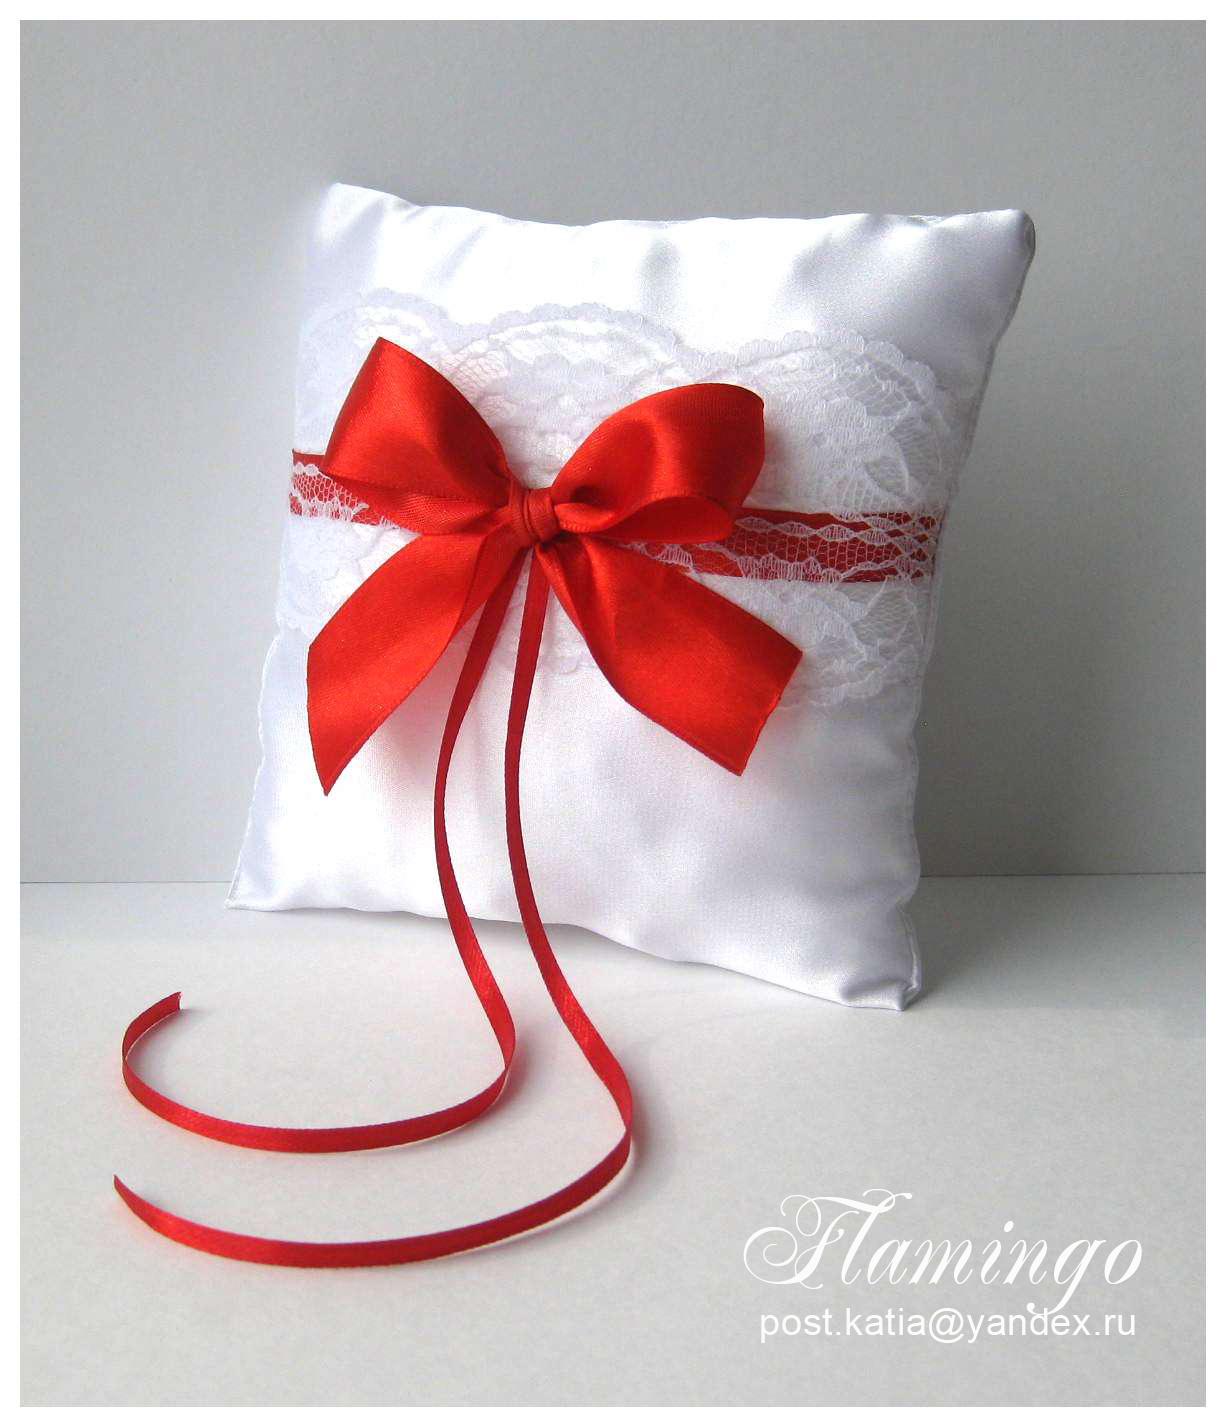 Свадебная подушечка для колец своими руками пошагово 60